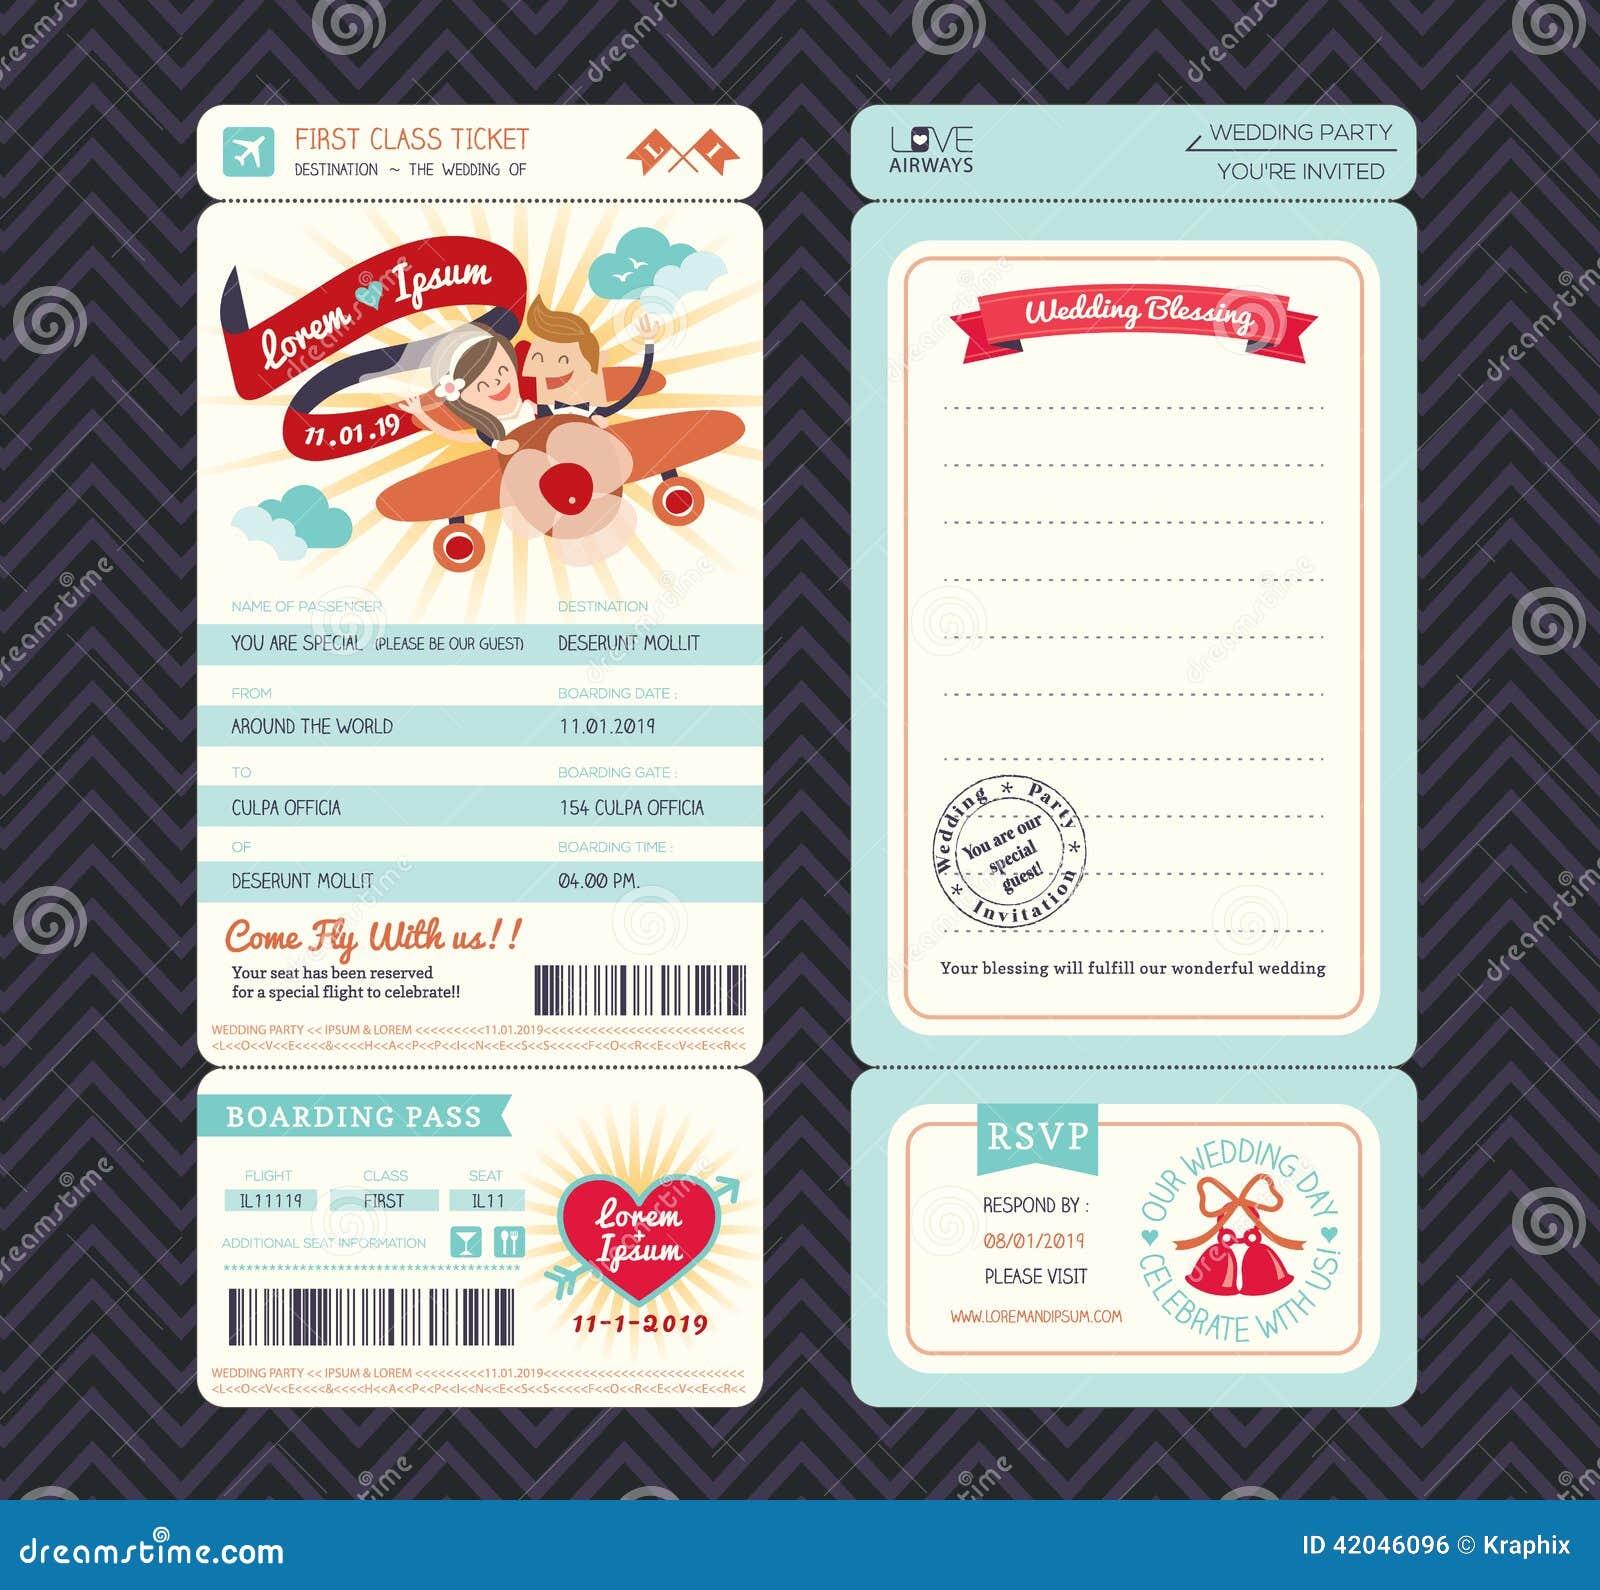 Karikatur-Bordkarte-Karten-Hochzeits-Einladungs-Schablone